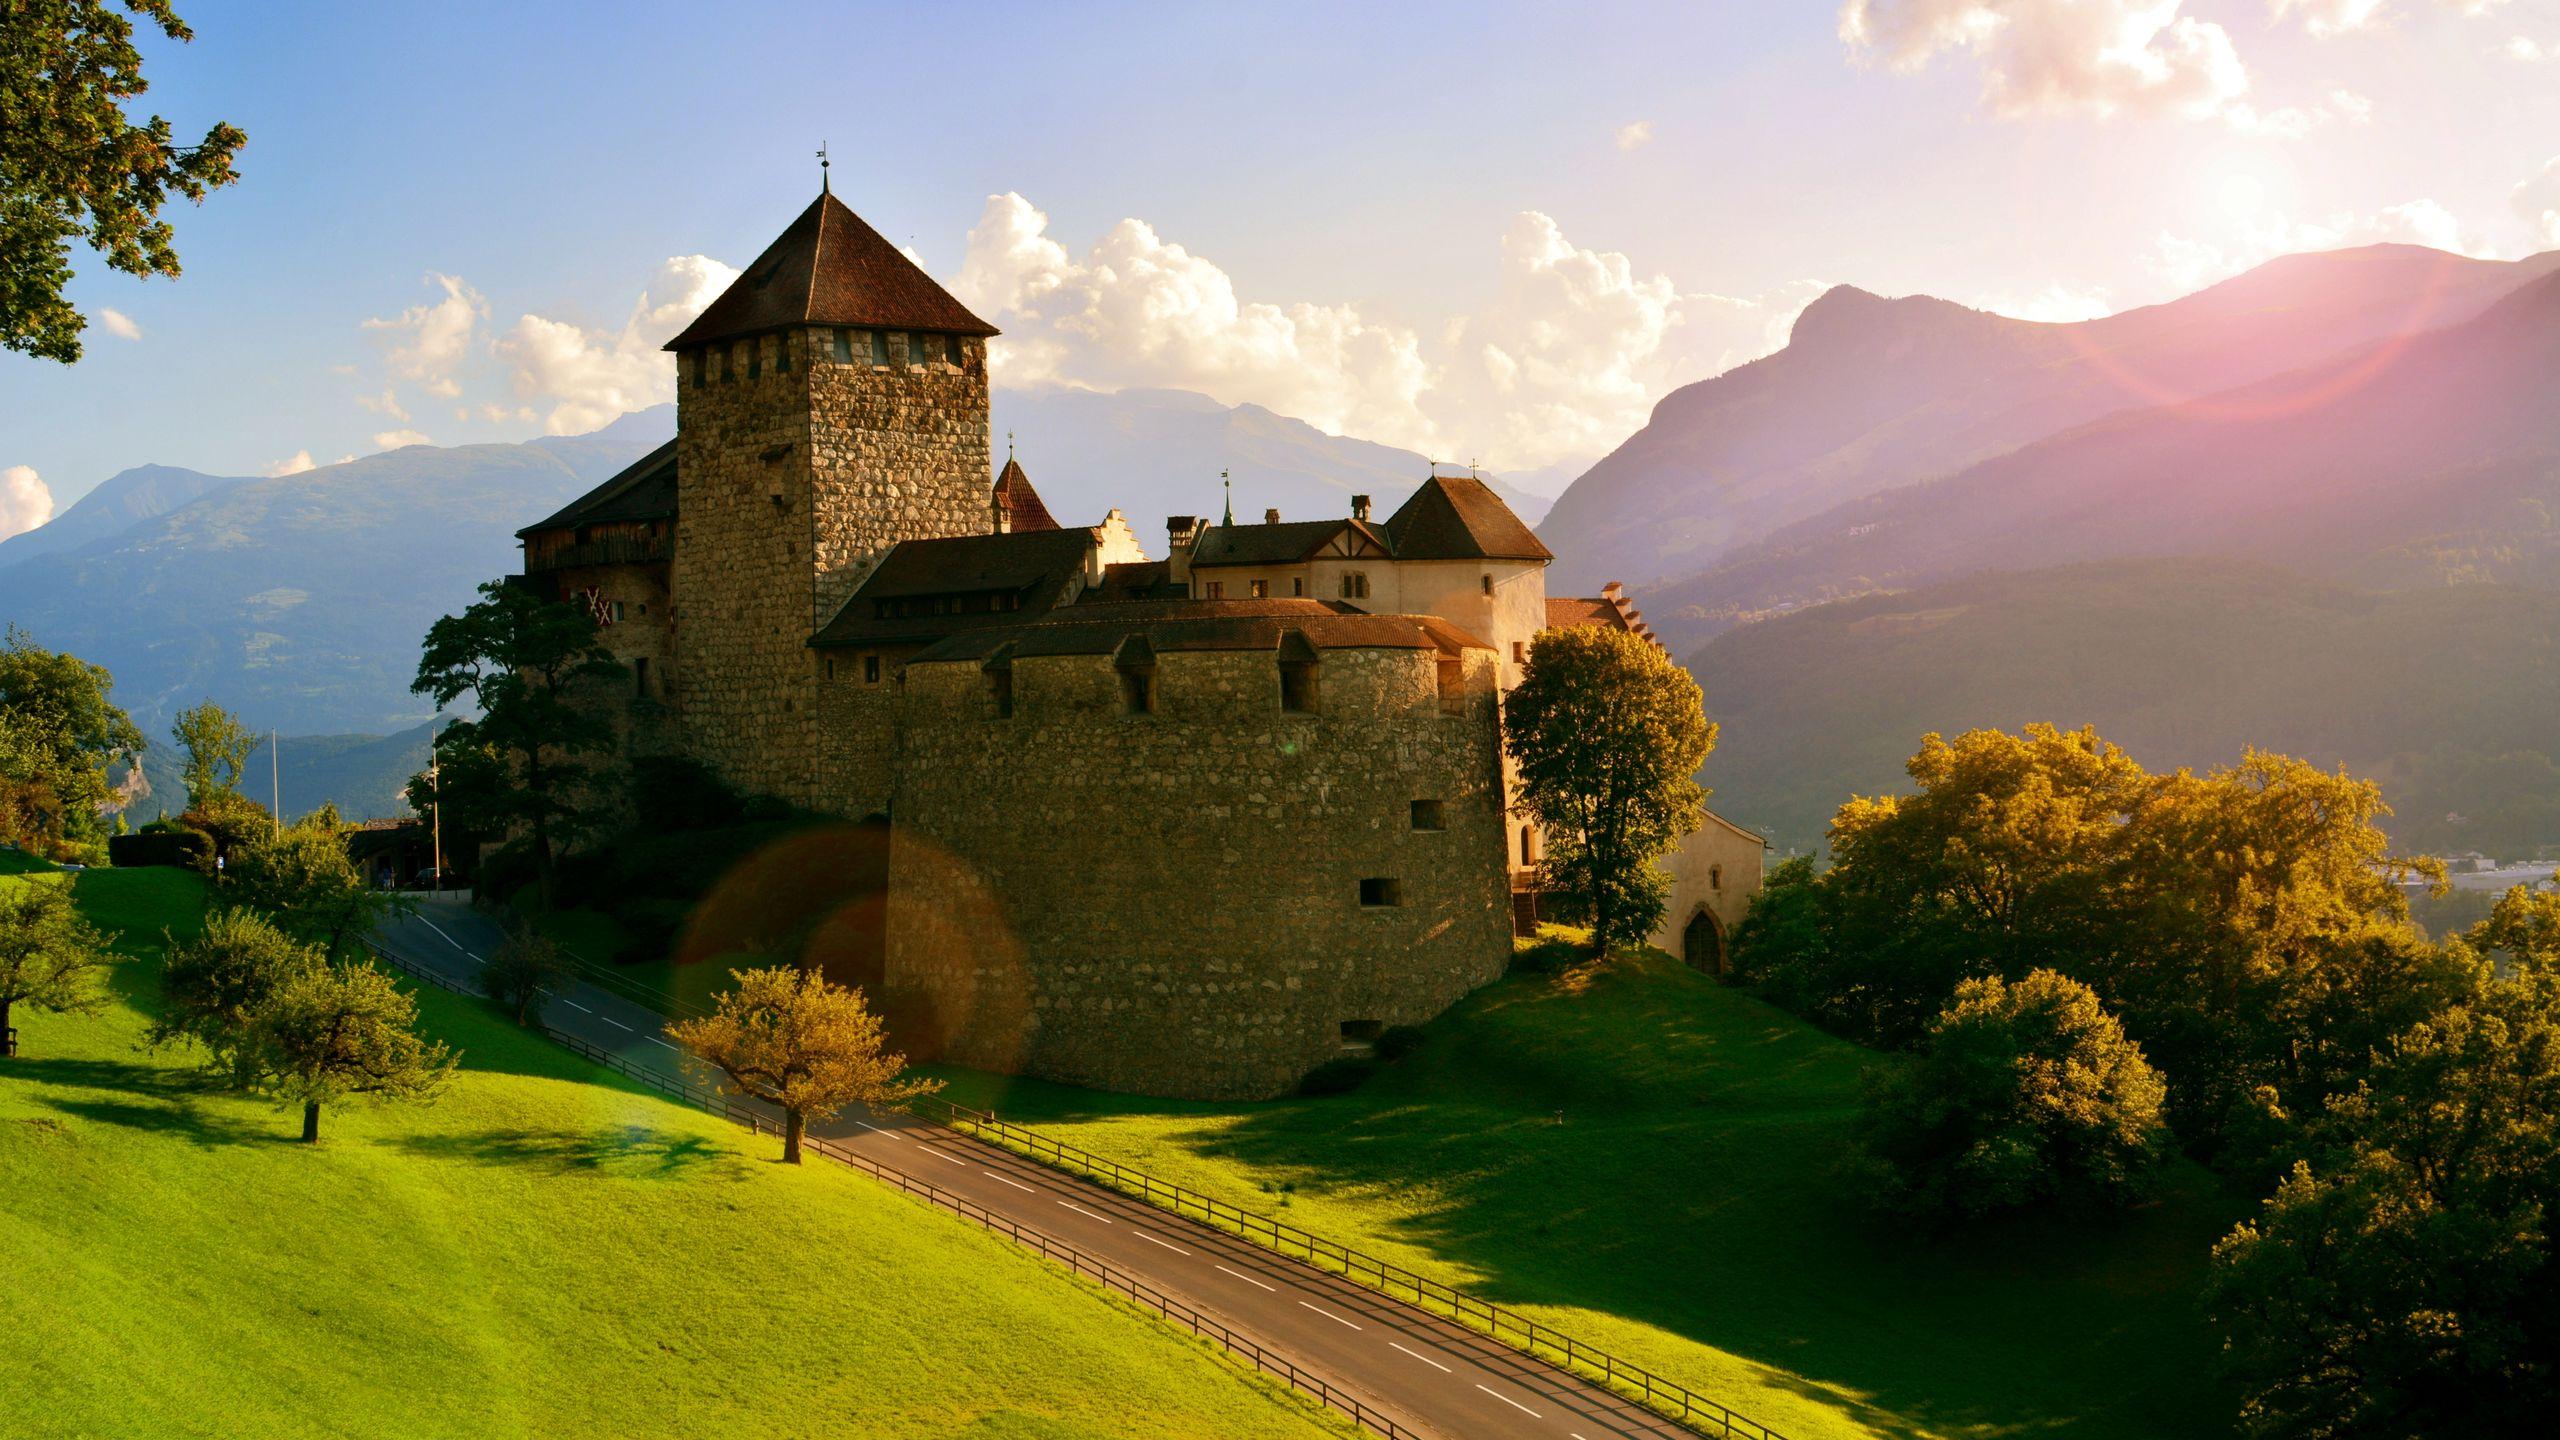 Chateau Fort En Allemagne Fond D Ecran Hd